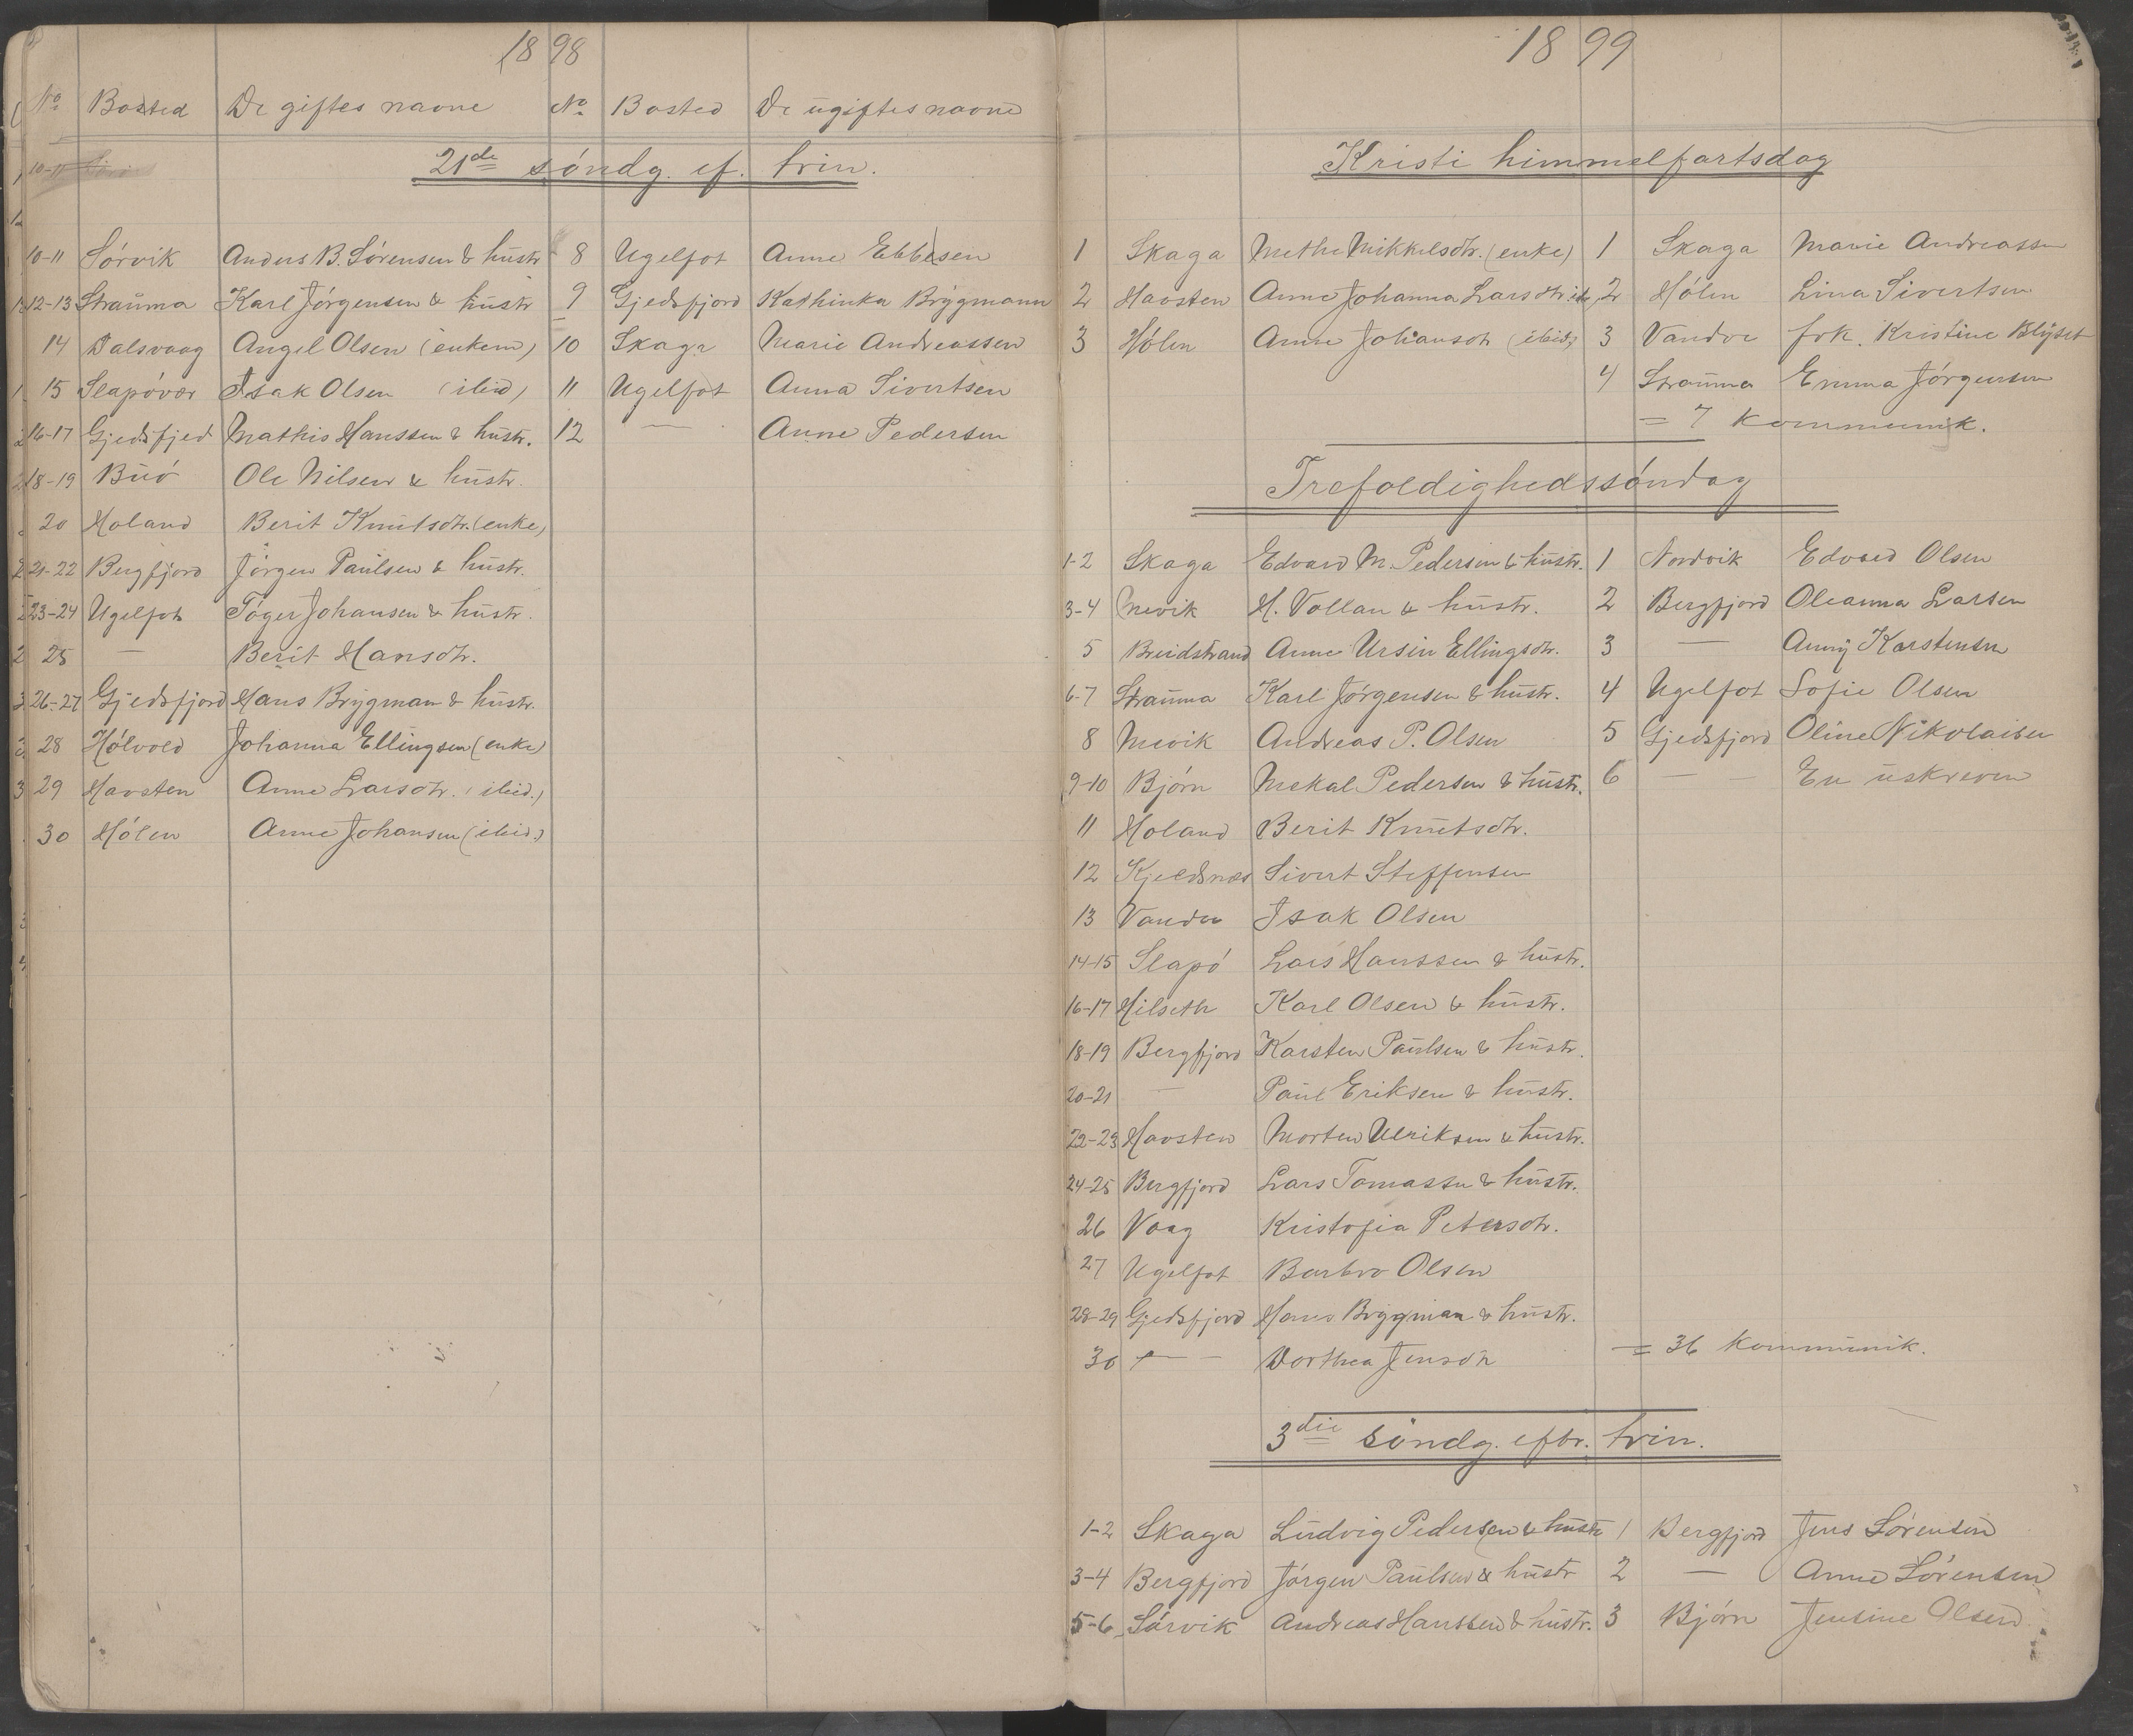 AIN, Dønna kommune. Menighetsråd, F/Fa/L0001: Oversikt over personer som har mottat nattverd i Nordvik kirke, 1892-1901